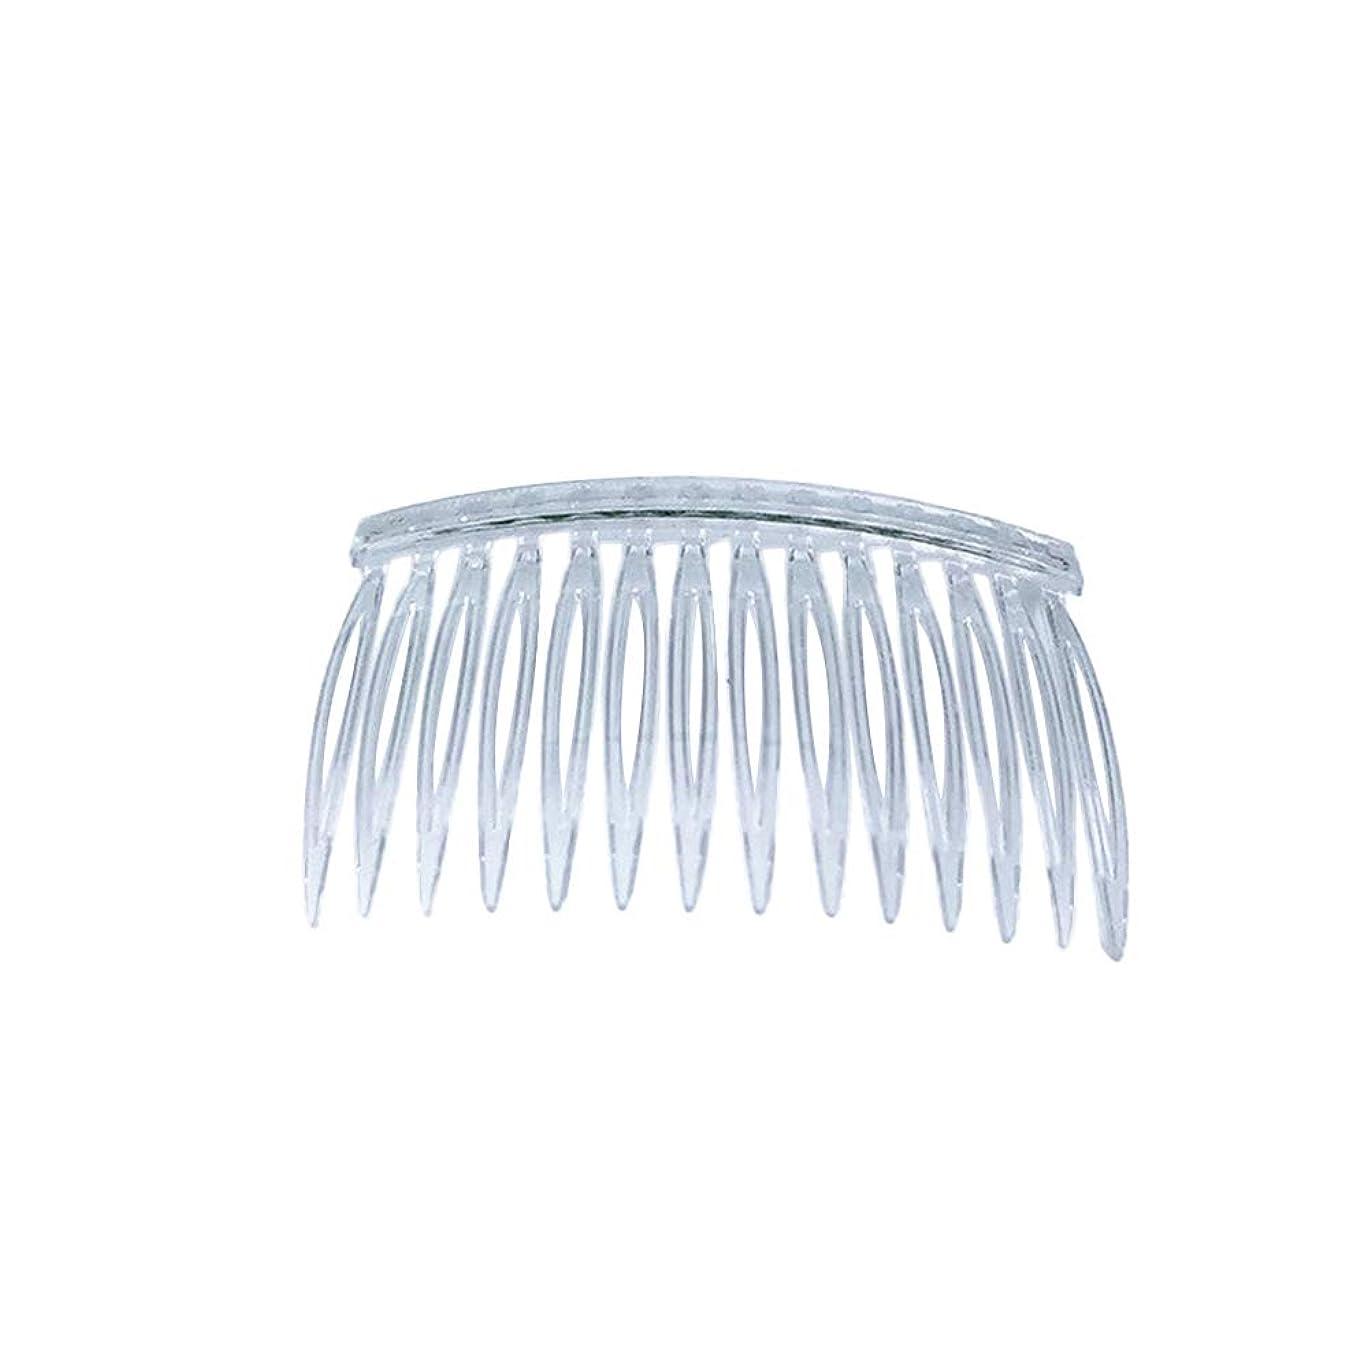 監査申請中軽くFrcolor ヘアコーム ヘアアレンジ コーム かんざし ヘッドドレス 髪の櫛 髪飾り ヘアアクセサリー まとめ髪 プラスチック 透明 10本セット